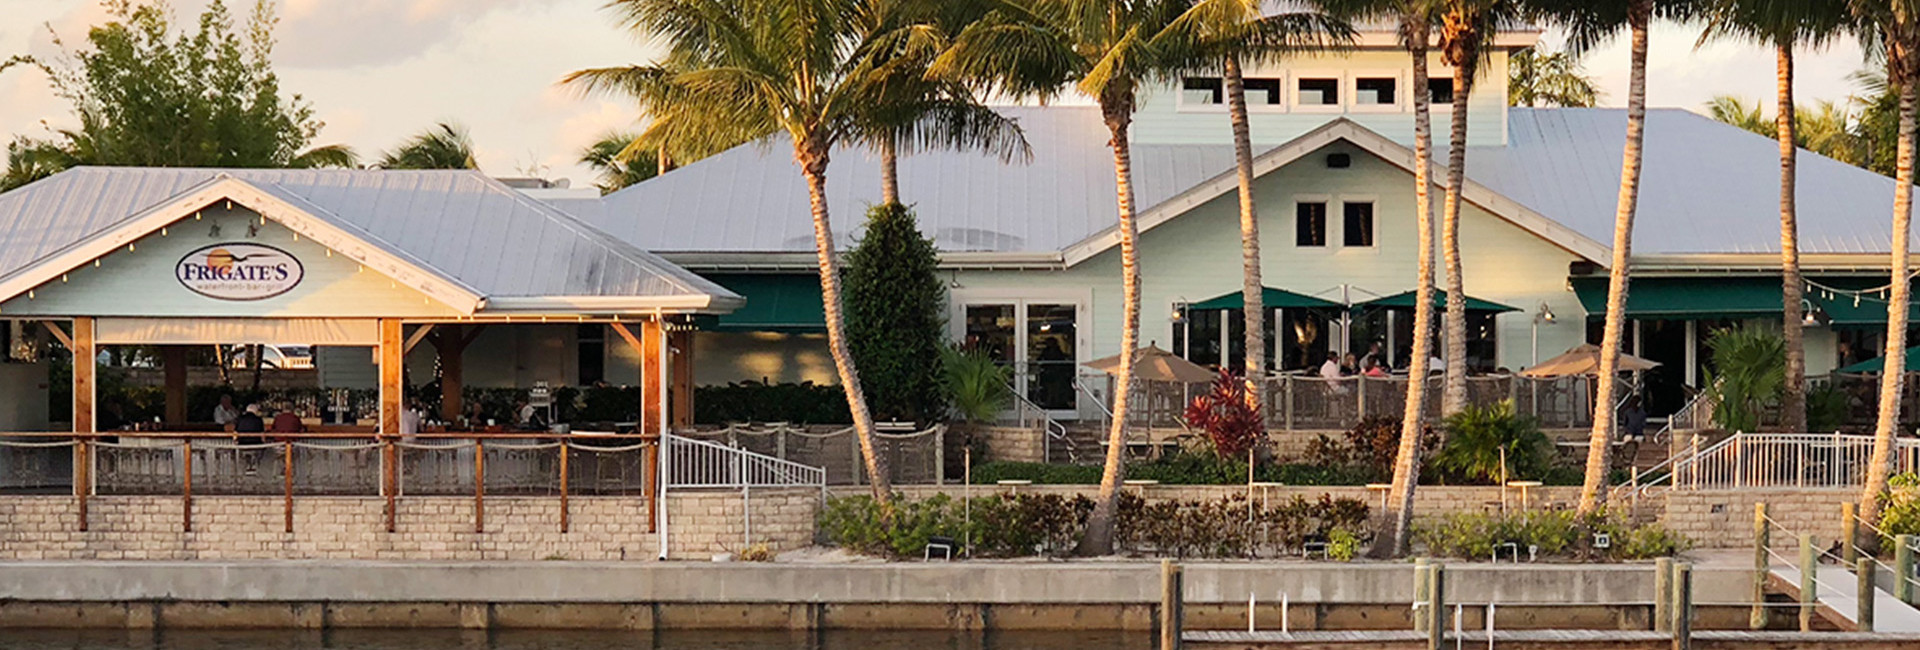 Frigate's Restaurant